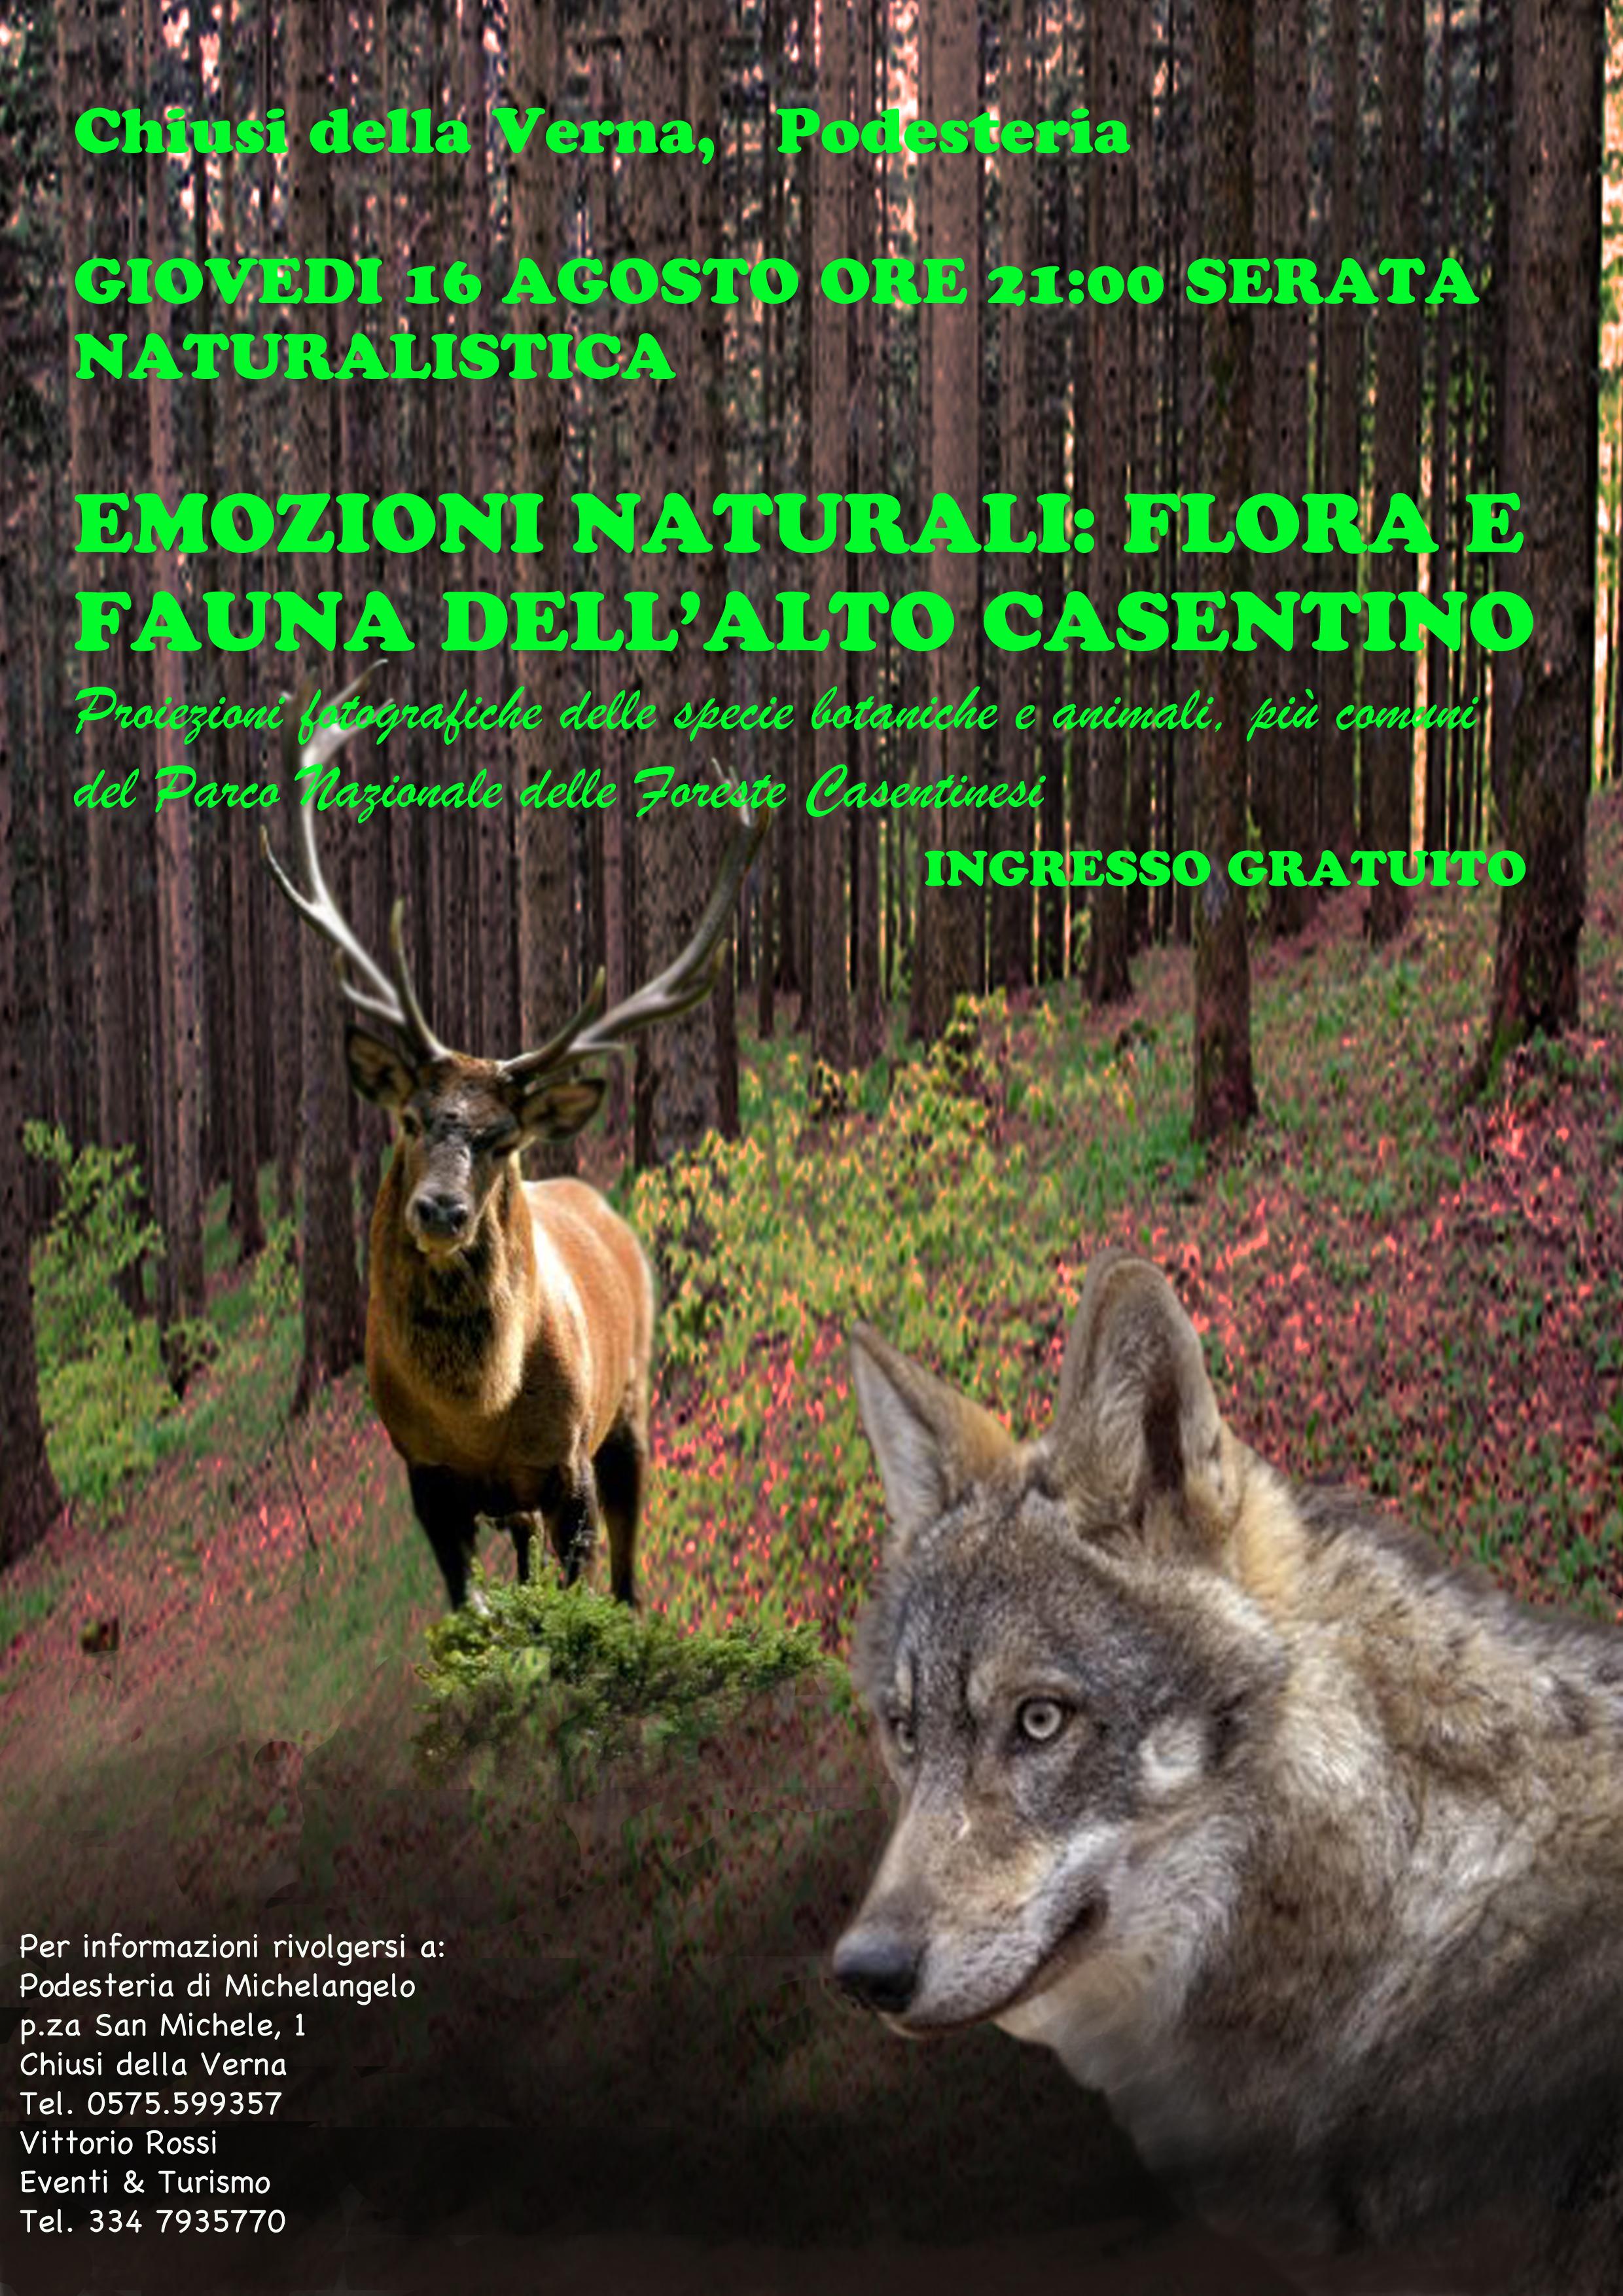 volantino serata naturalistica (2)